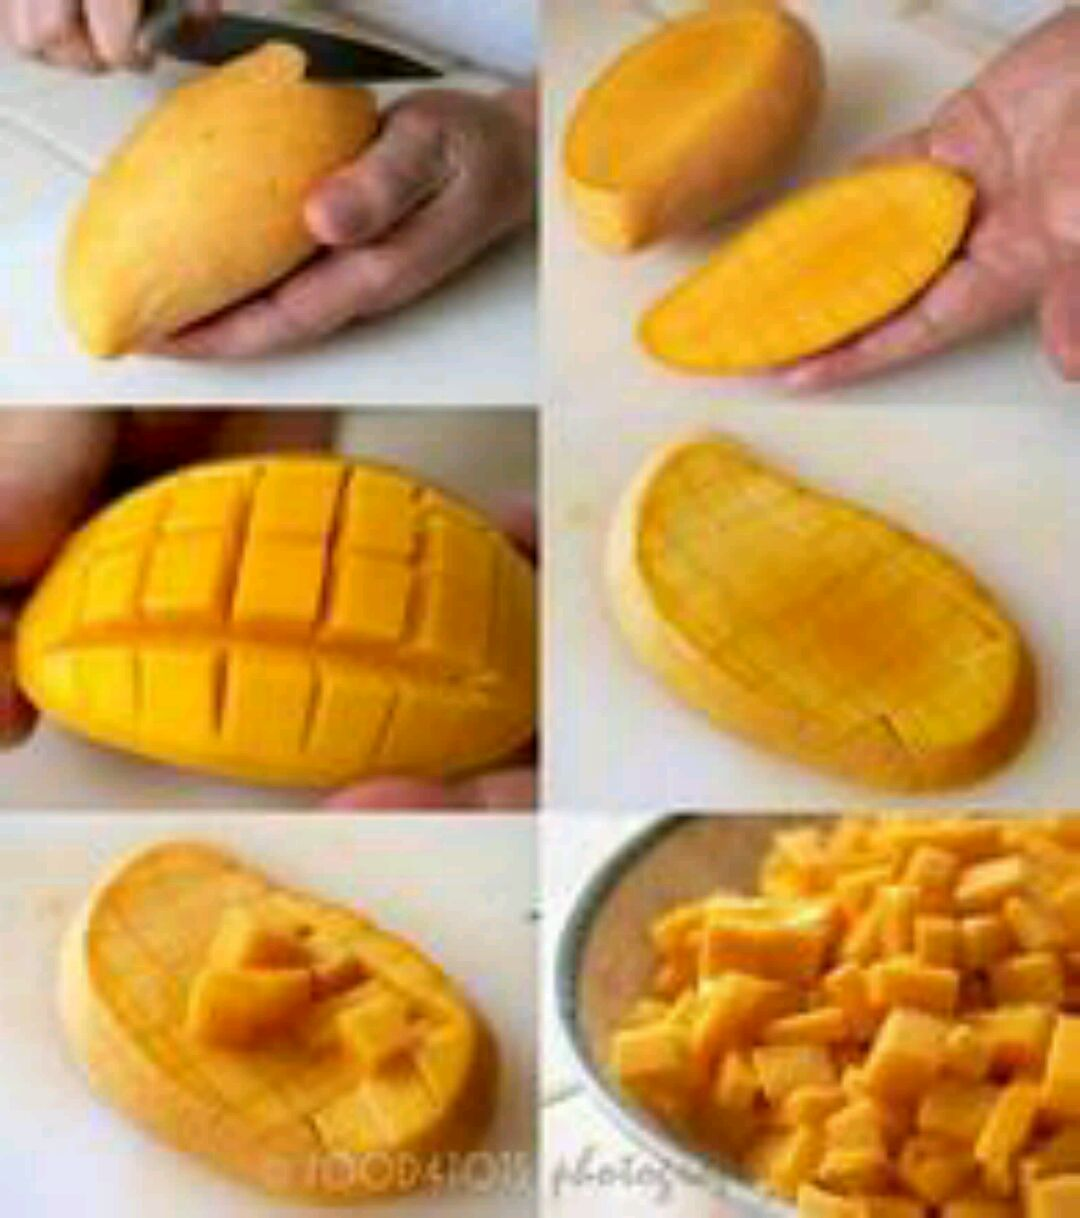 芒果〖mango〗切法的做法步骤 4. ok